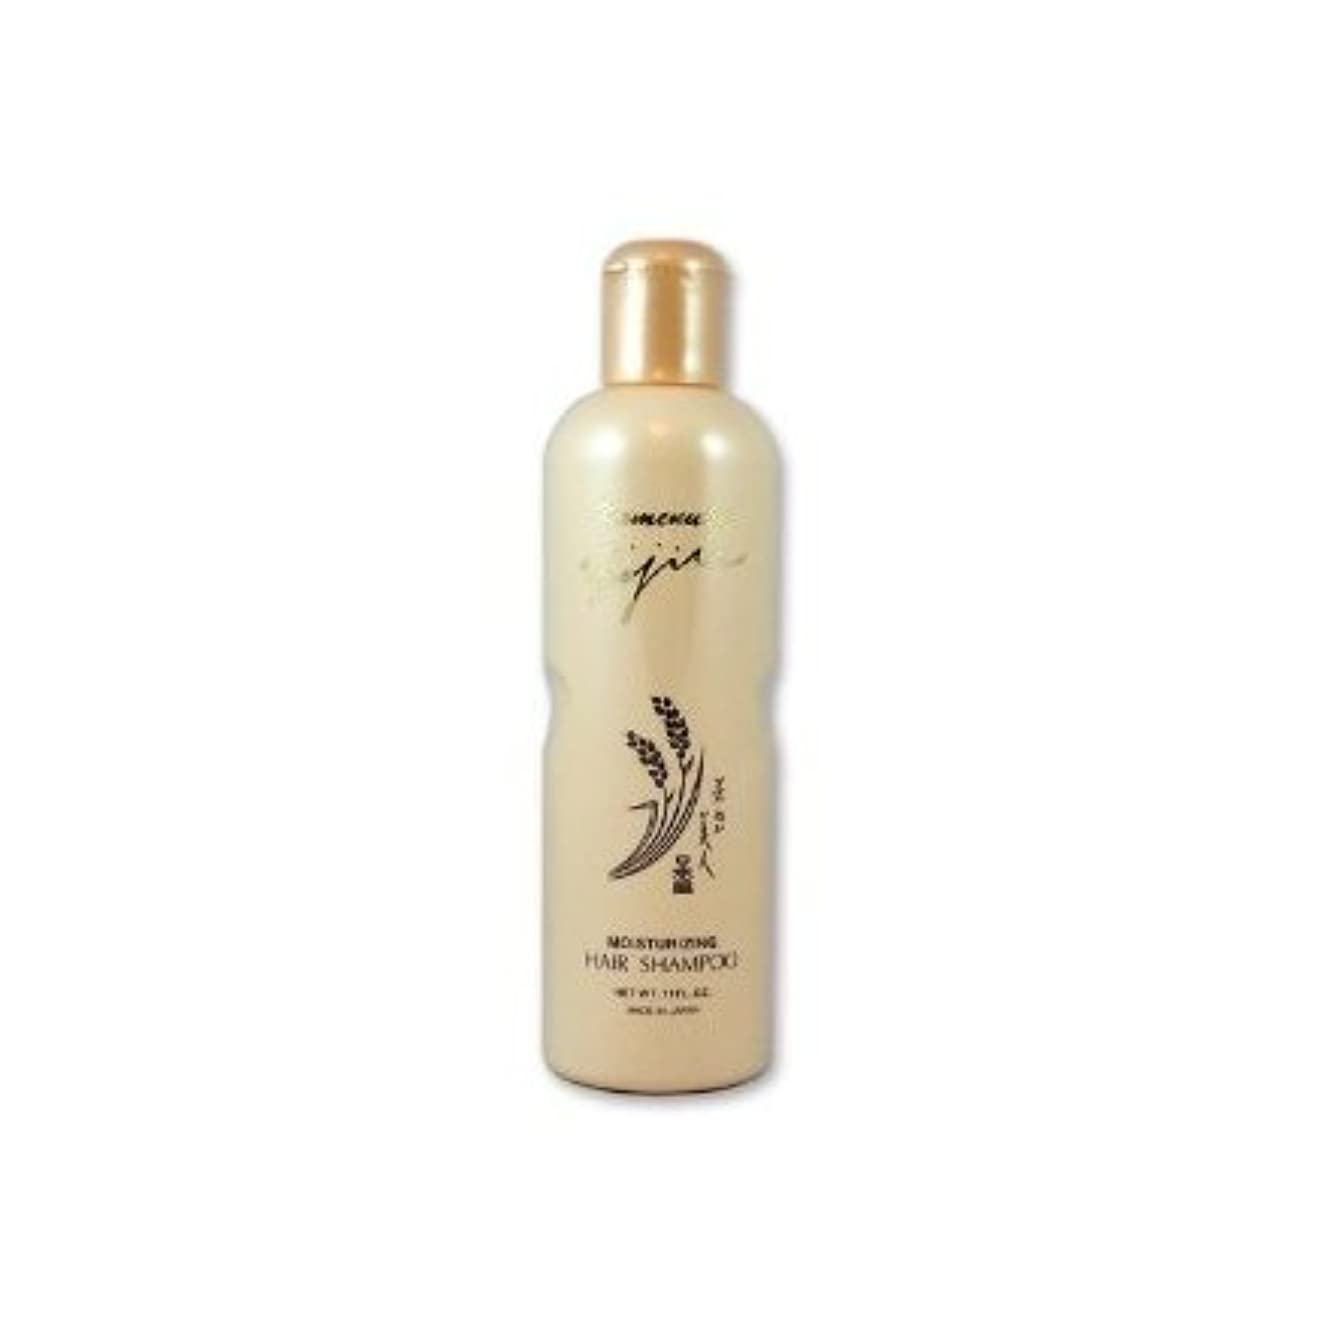 背骨キャメル方程式Komenuka Bijin Moisturizing Hair Shampoo With Natural Rice Bran - 11 Fl Oz by KOMENUKA BIJIN / NS-K